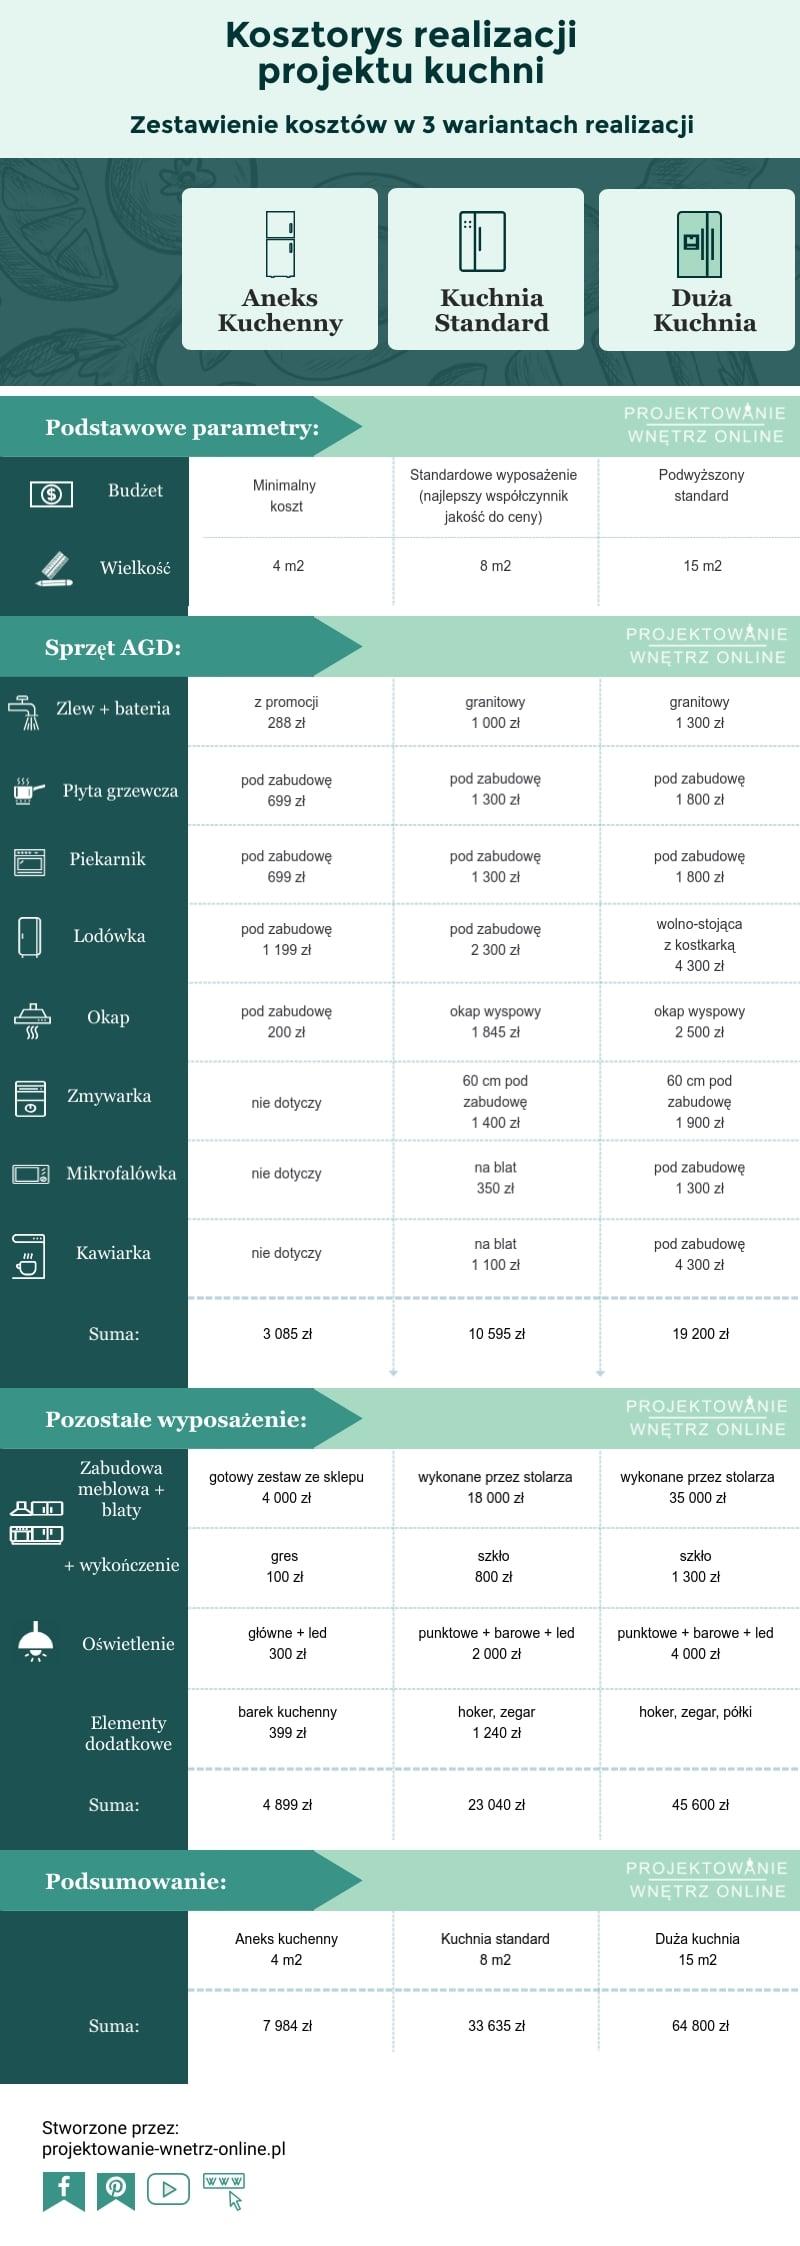 Kosztorys Realizacji Projektu Kuchni - zestawienie kosztów - Aneks kuchenny 4m2 - Kuchnia Standard 8 m2 - Duża kuchnia 15 m2 - Infografika.